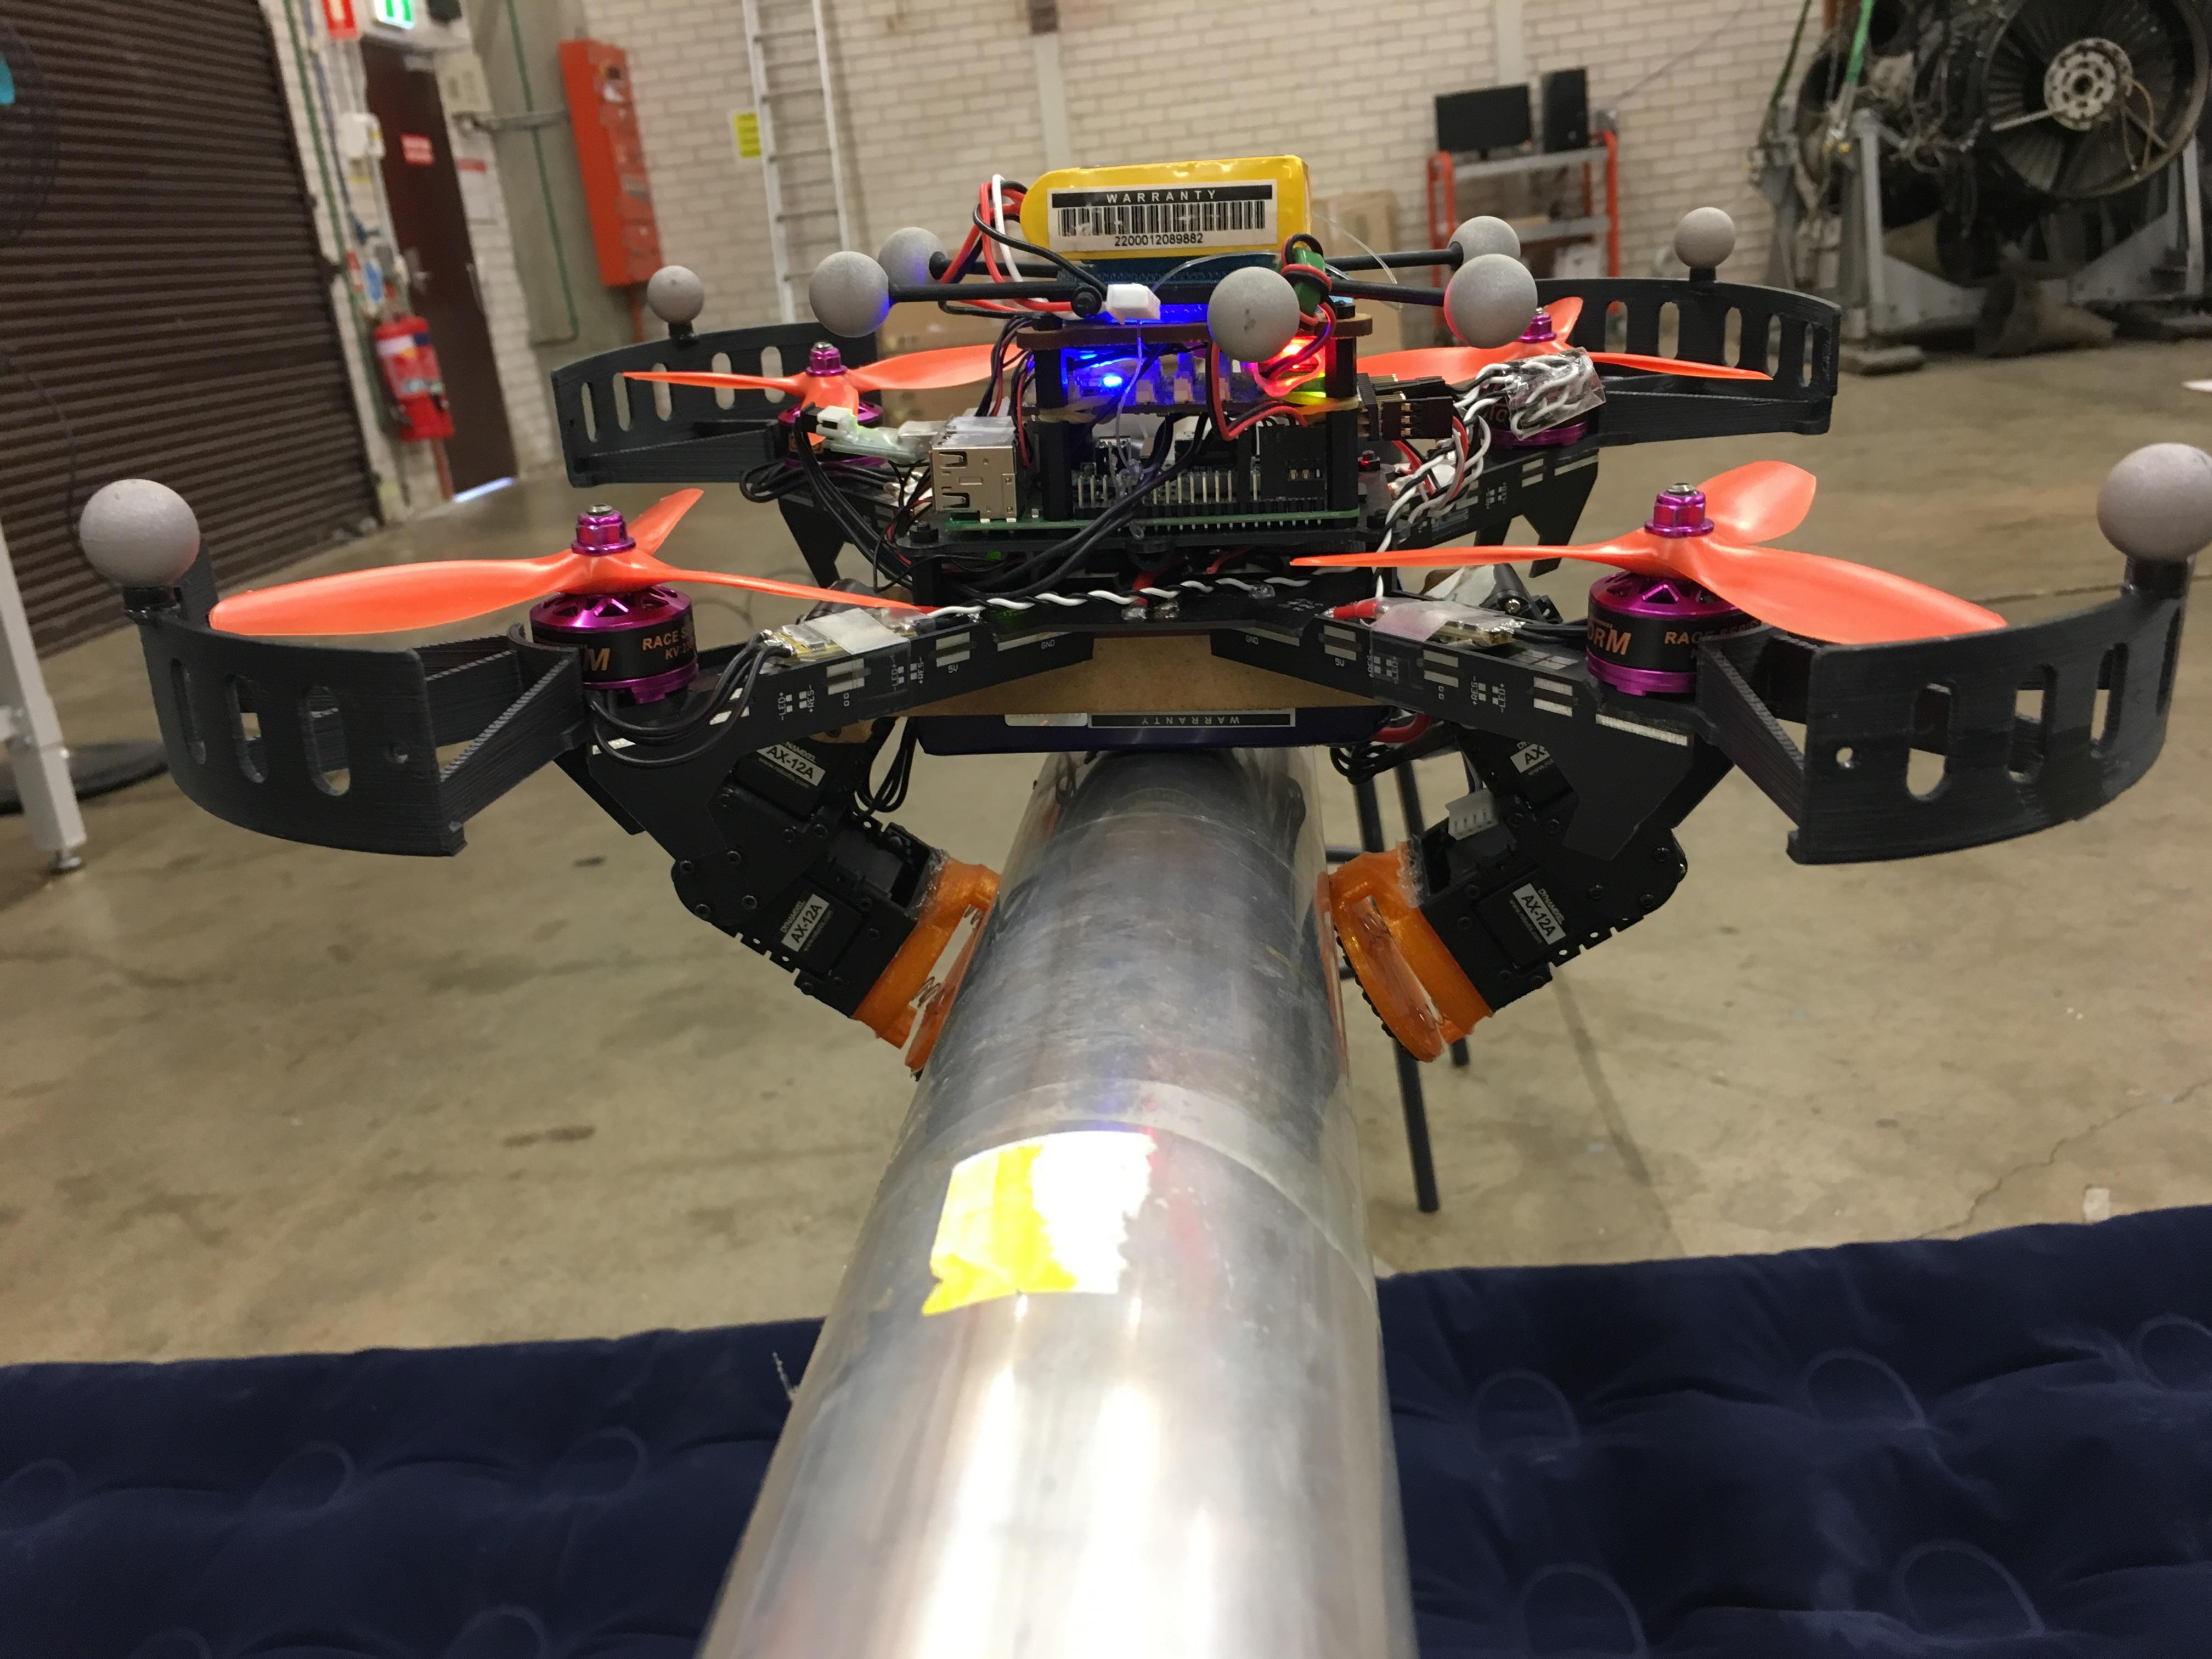 PX4 – UAV Lab @ Sydney